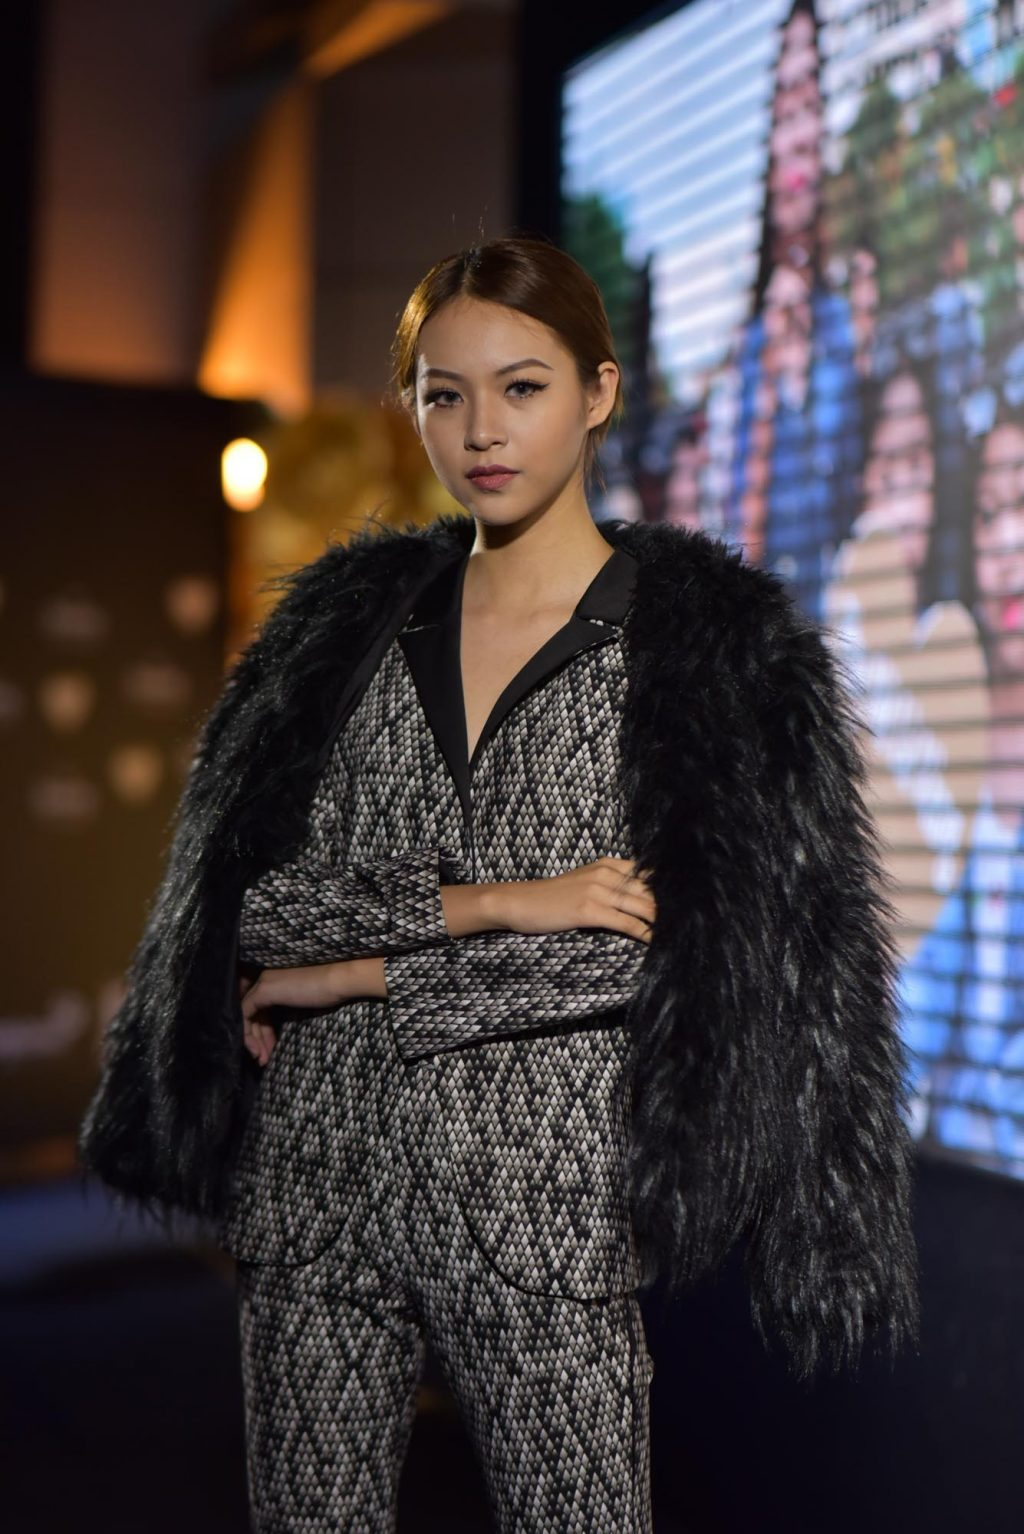 Phong cách thời trang Thu - Đông trên thảm đỏ của sao Việt - ELLE VN